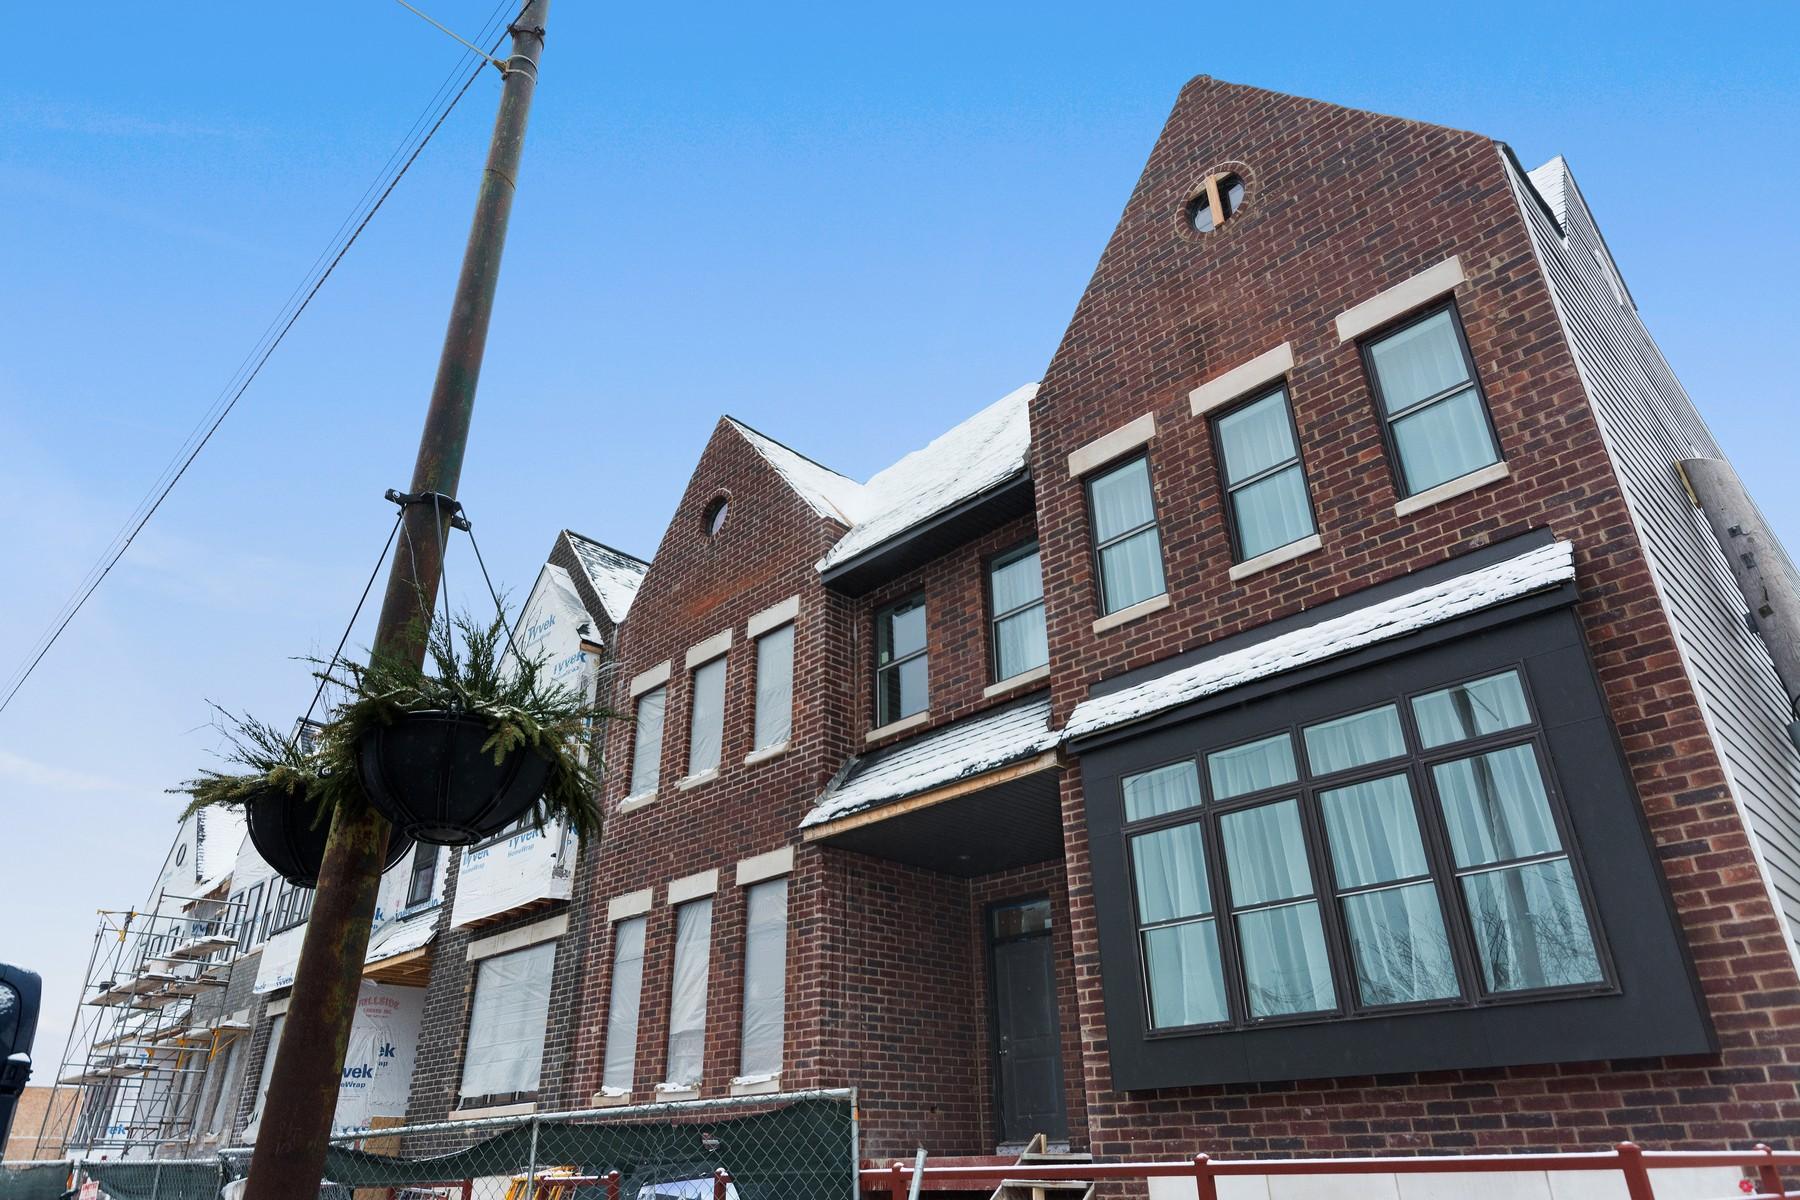 Maison unifamiliale pour l Vente à Brand New Luxury Home 1015 E 43rd Street Kenwood, Chicago, Illinois, 60653 États-Unis